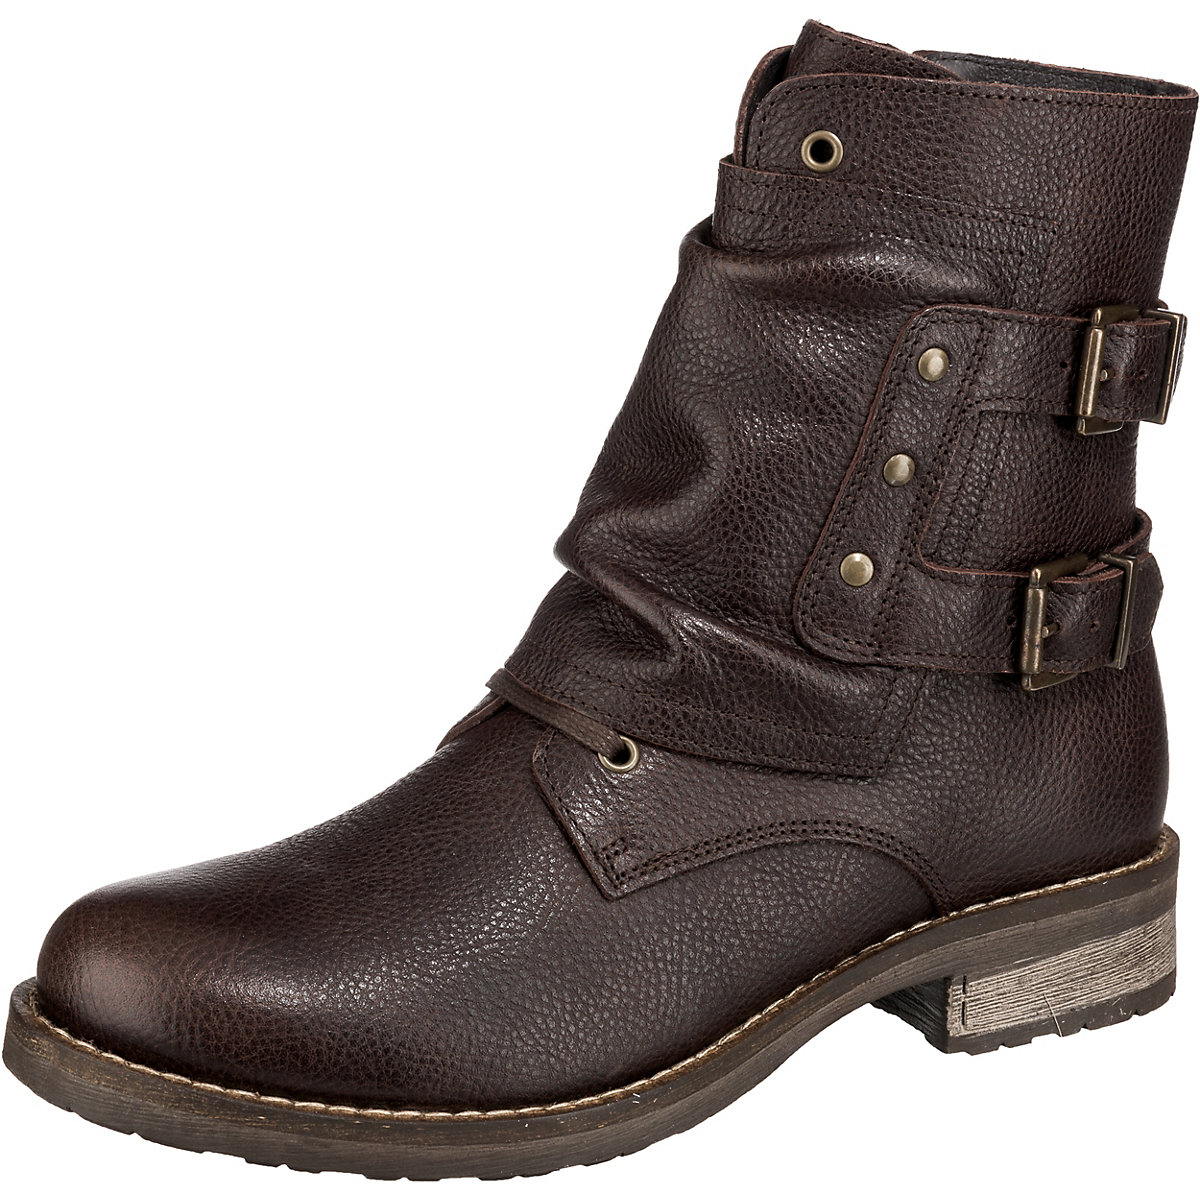 JOLANA & FENENA, Schnürstiefeletten, braun  Gute Qualität beliebte Schuhe